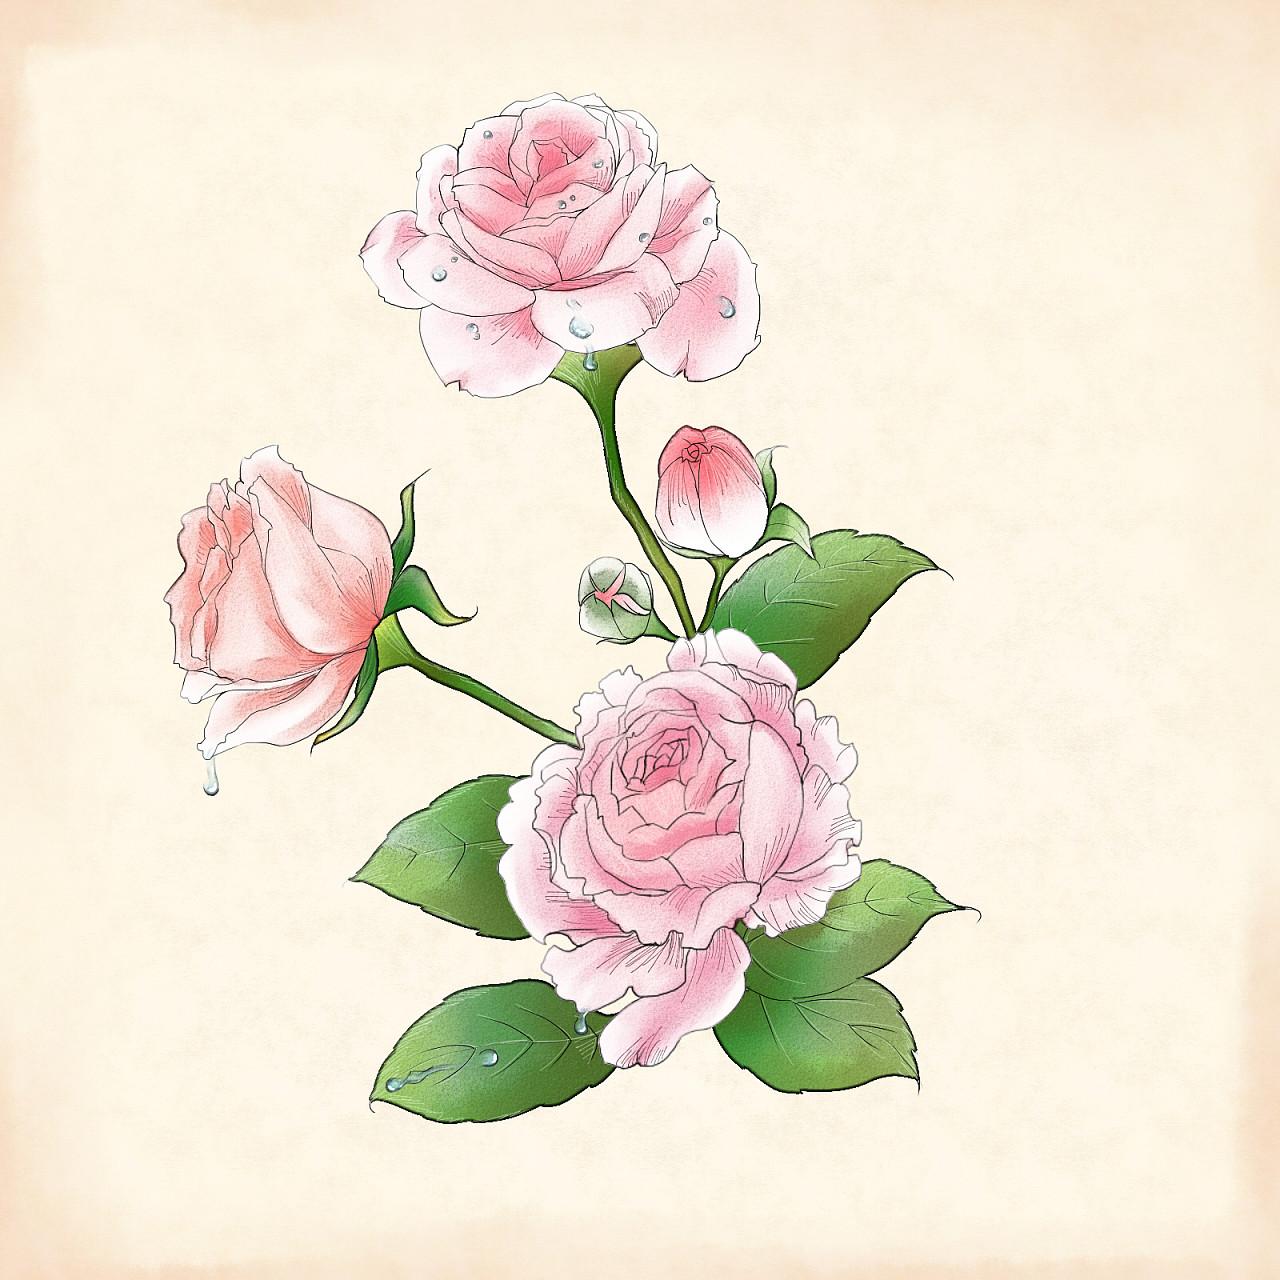 一些植物插画|插画|商业插画|ms西子西 - 原创作品